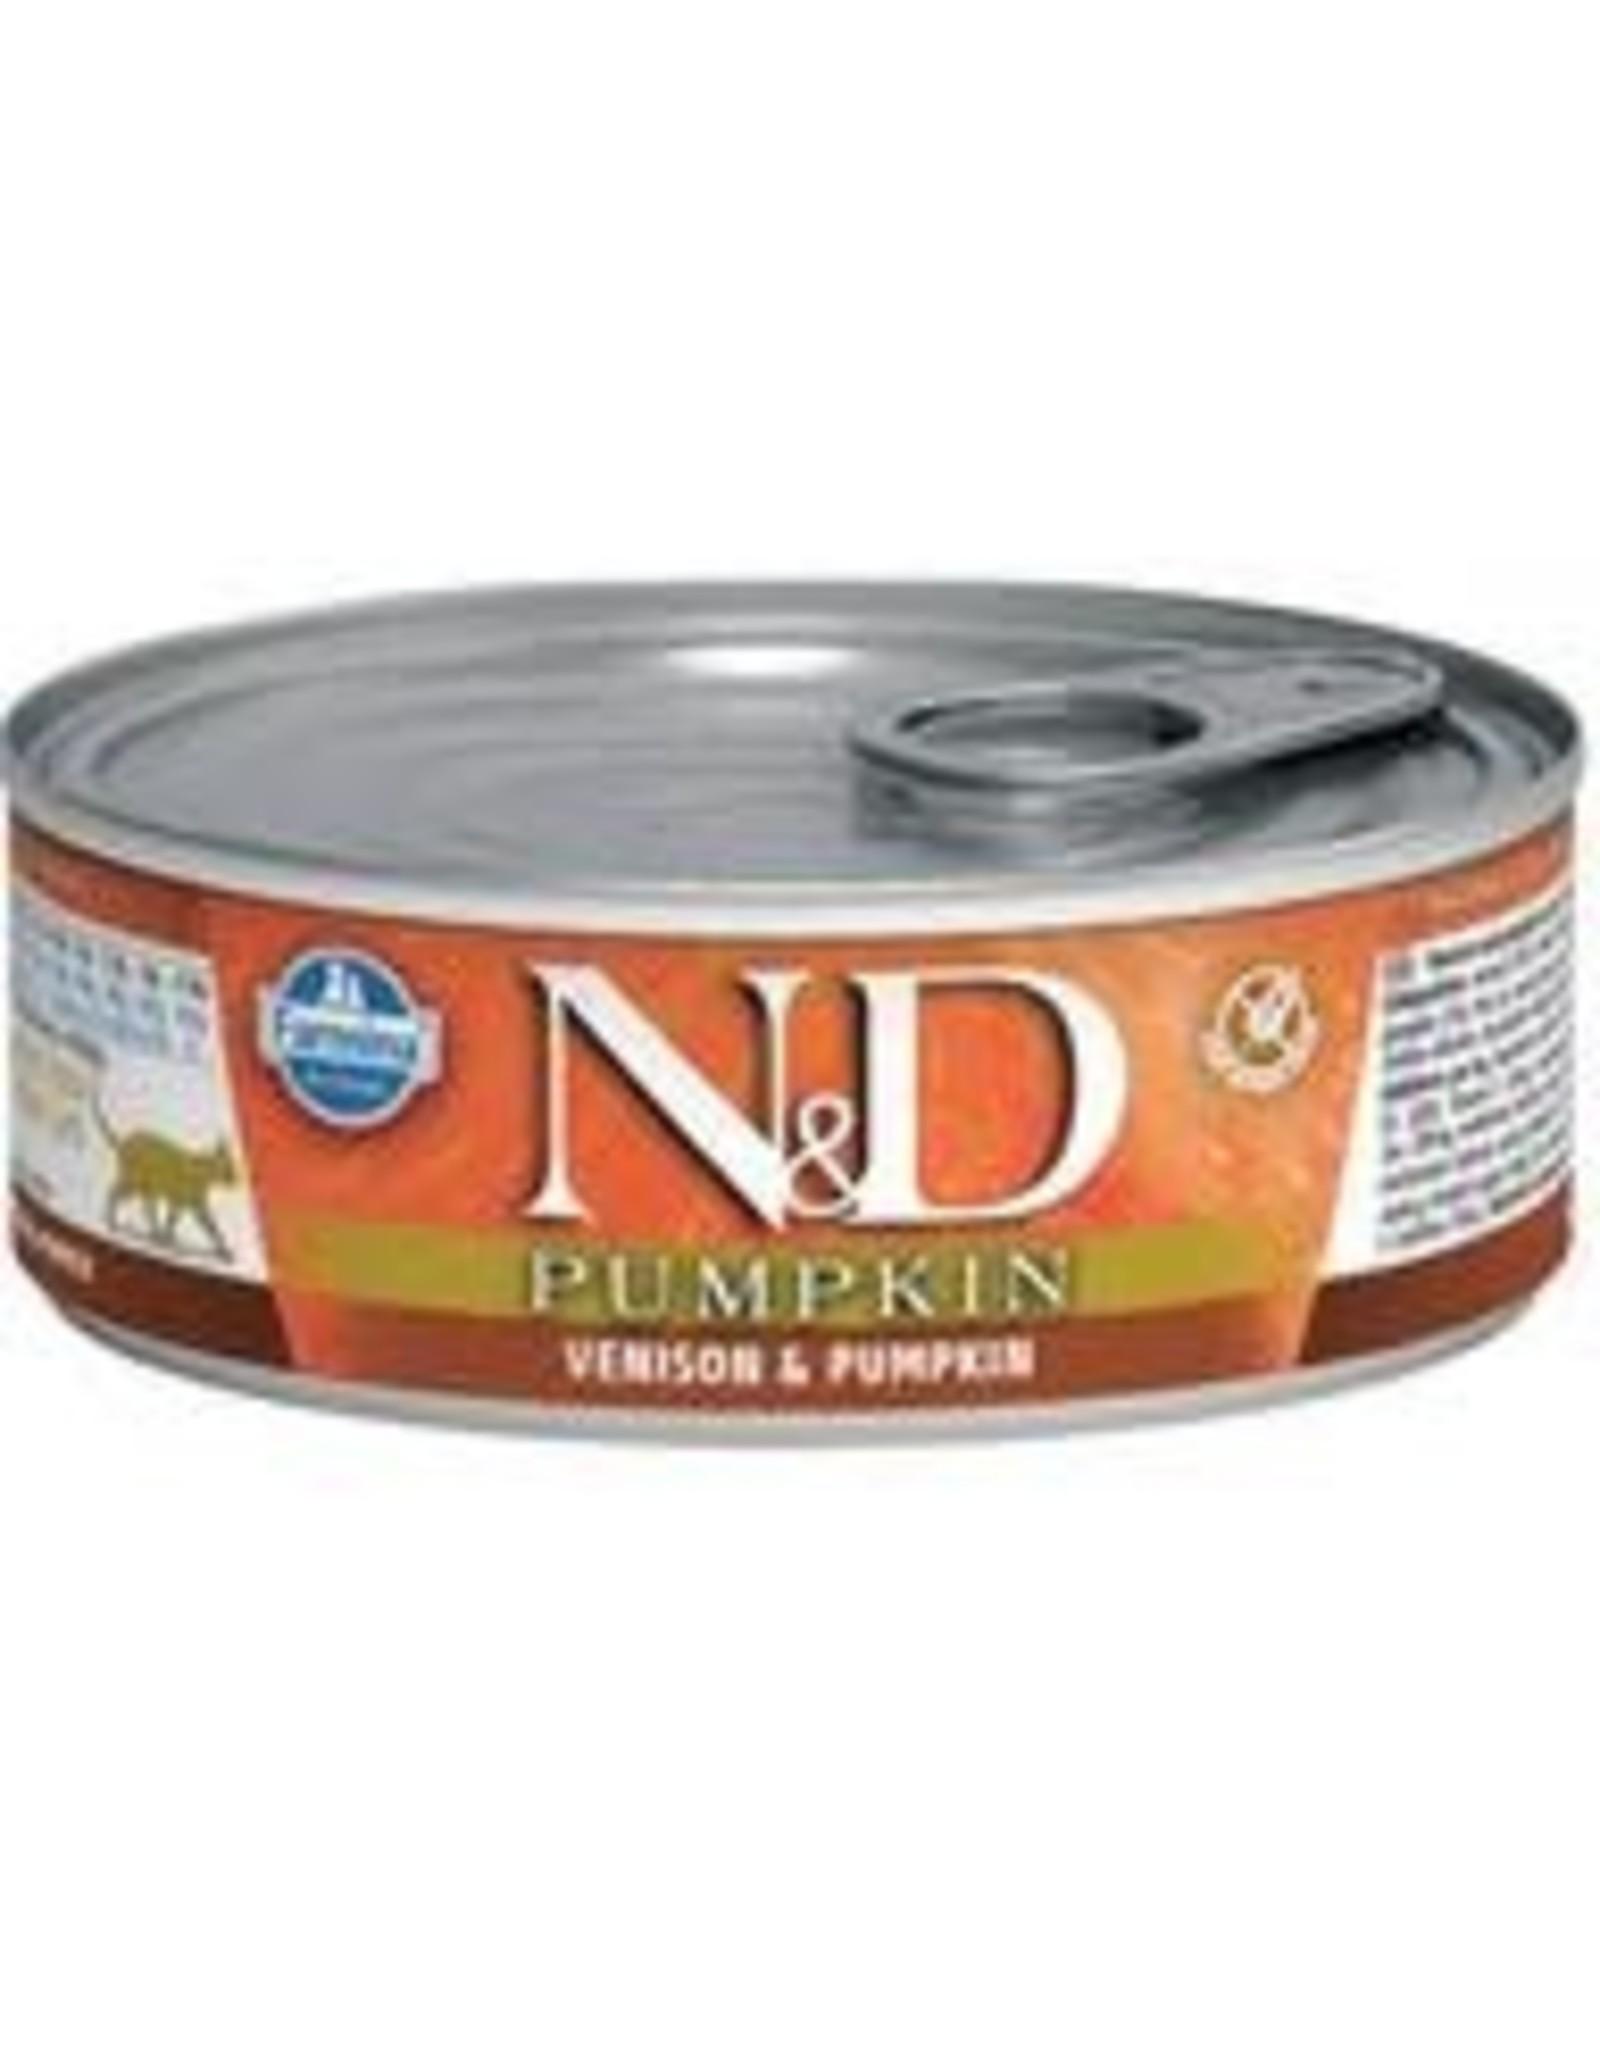 FARMINA PET FOOD USA LLC N&D PMKN VNS/A CAT 12/2.8Z